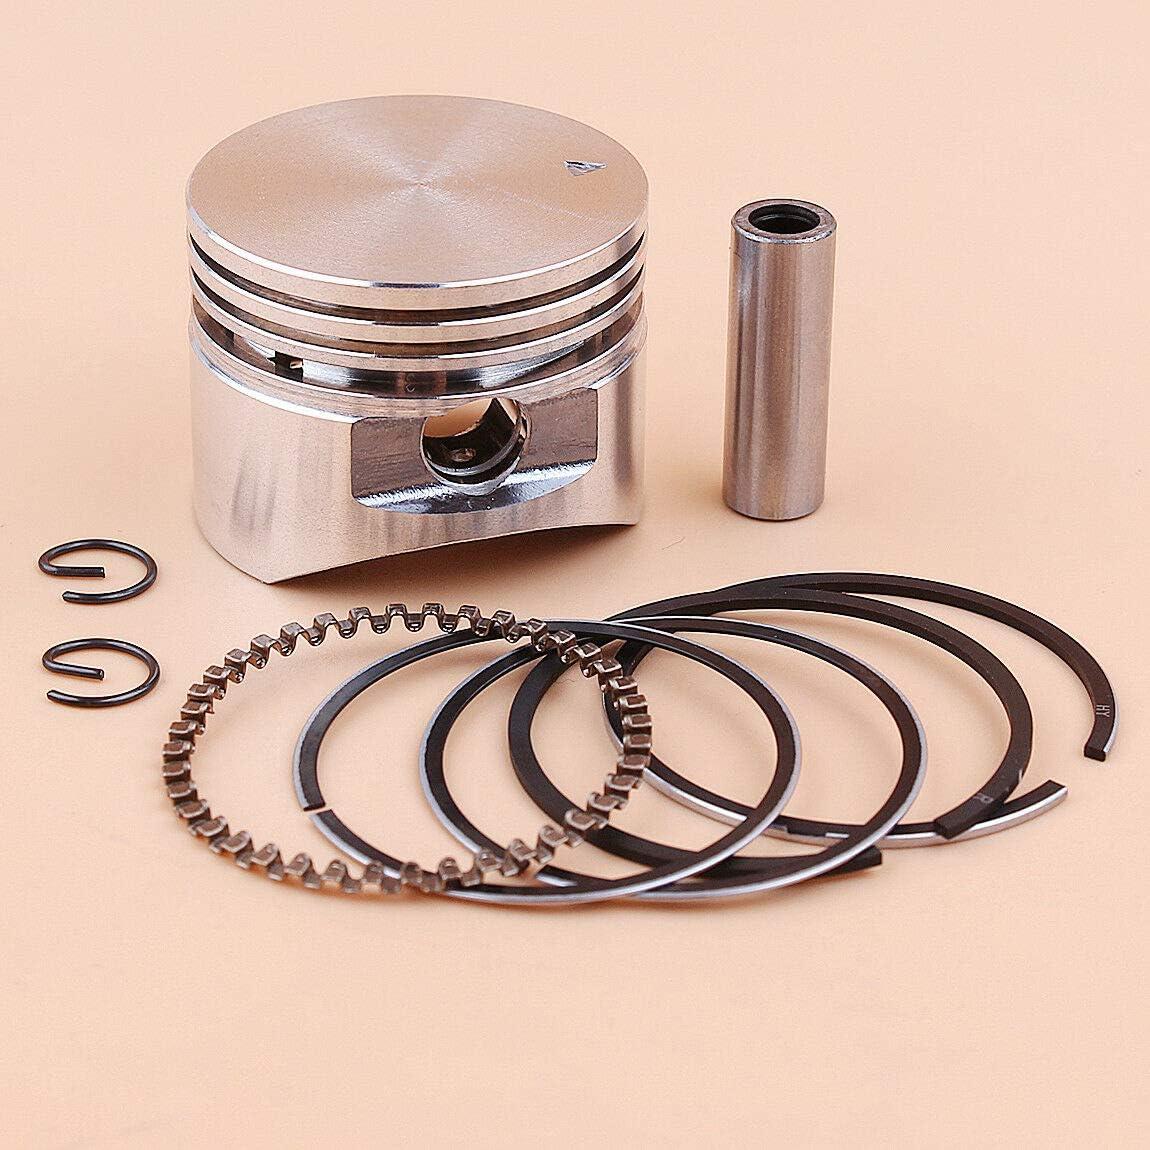 Engine Parts 35mm Piston Ring Kit for Honda Gx25 Gx25N Gx25Nt ...